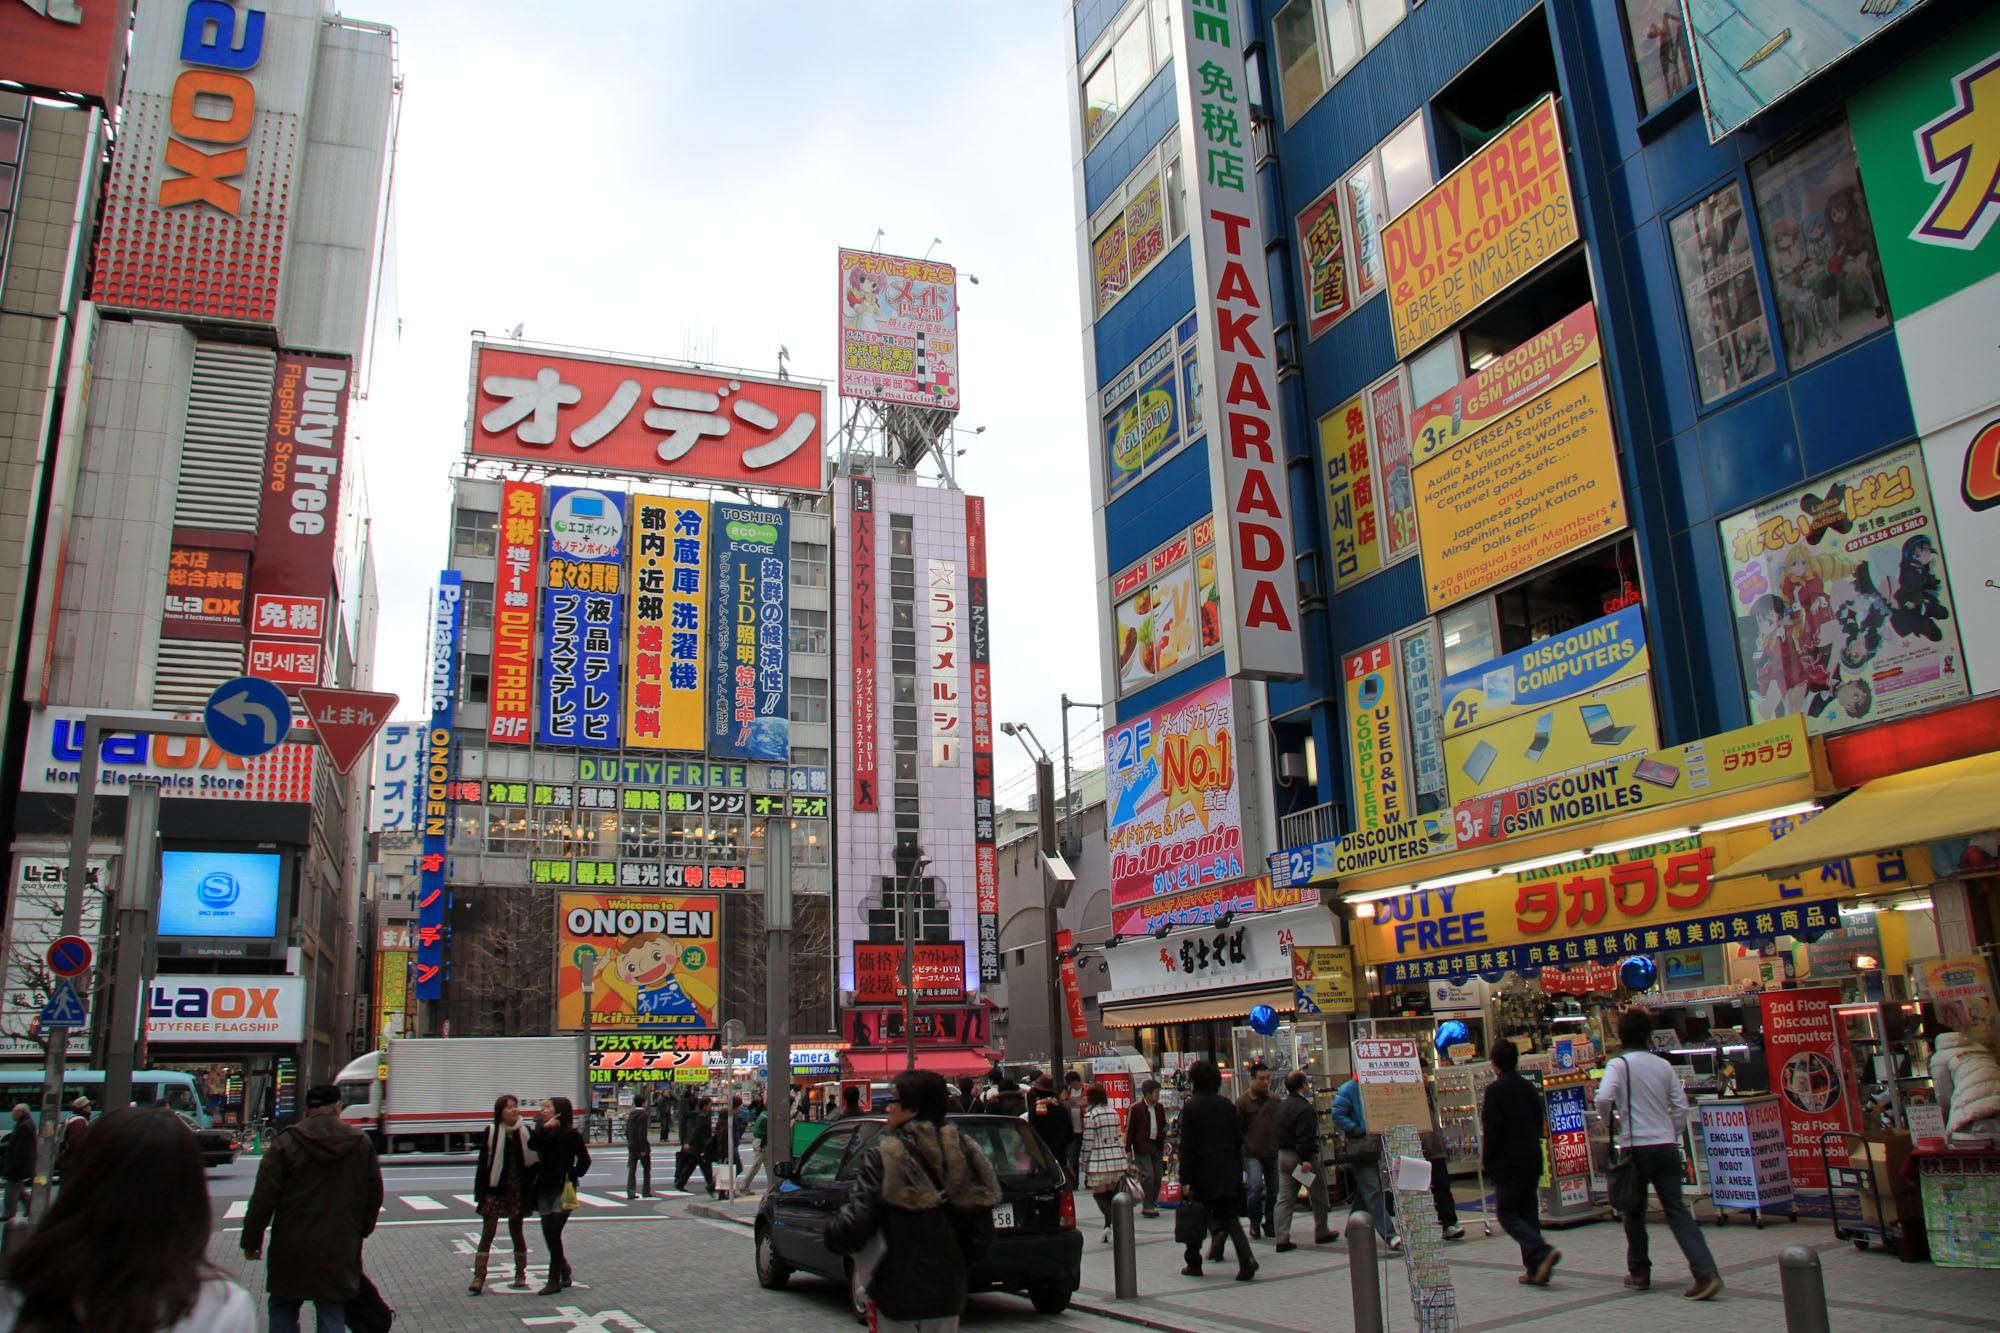 japonais rencontres Jeux en anglais en ligne Internet rencontres Bruxelles